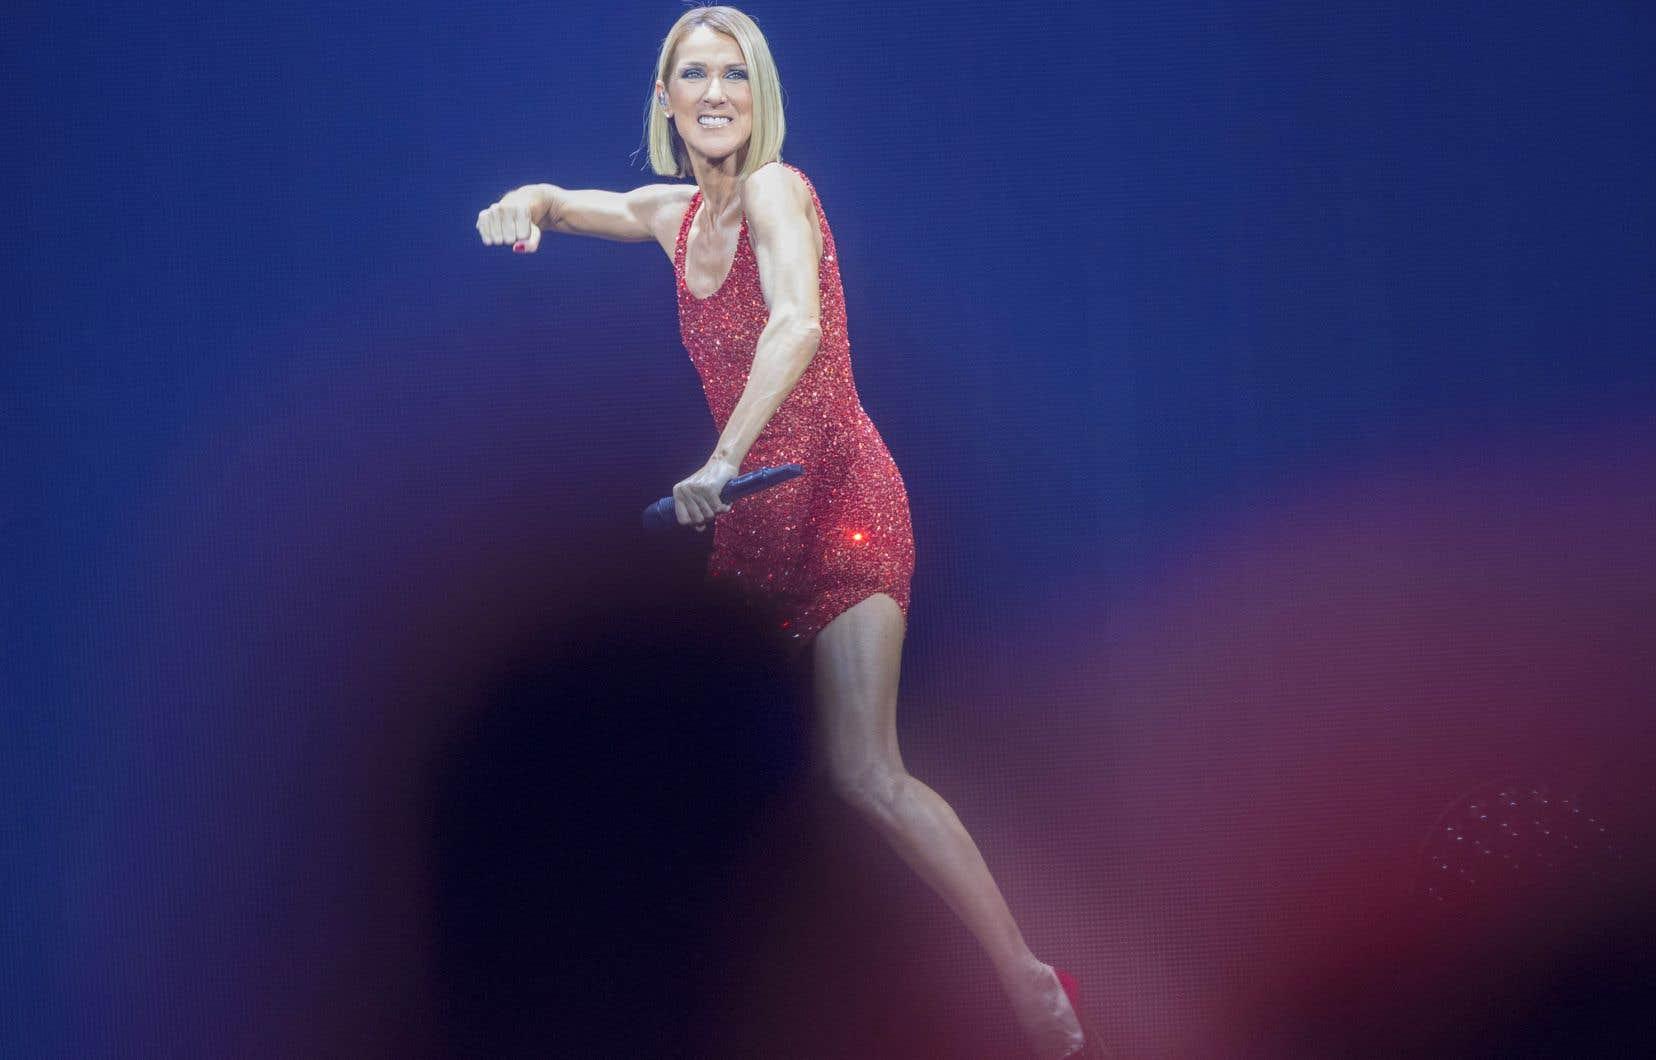 Céline Dion est apparue seule sur scène dans une robe rouge scintillante, en entonnant la très wagnérienne <em>It's All Coming Back to Me Now</em>, lundi soir au Centre Bell.